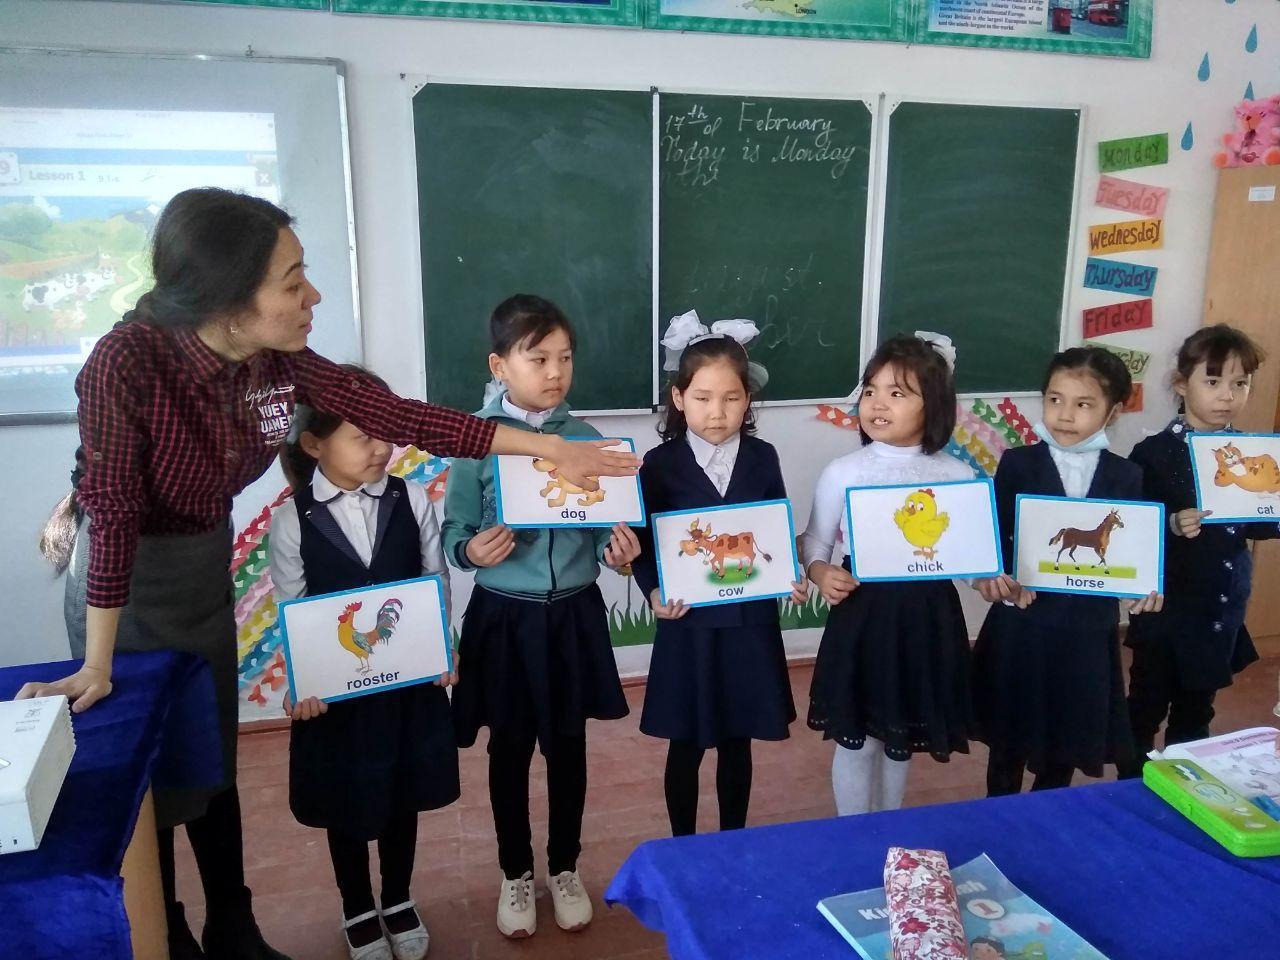 photo 2020 02 18 00 30 13 - Студенты факультета иностранных языков проходят педагогическую практику